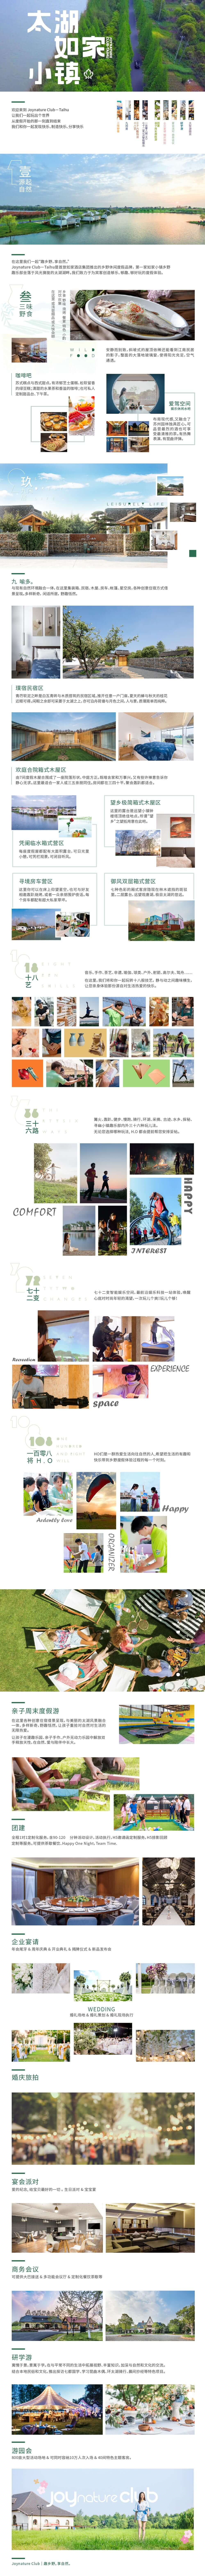 04-如家小镇简介 1000x网页用-定稿_画板 1.jpg